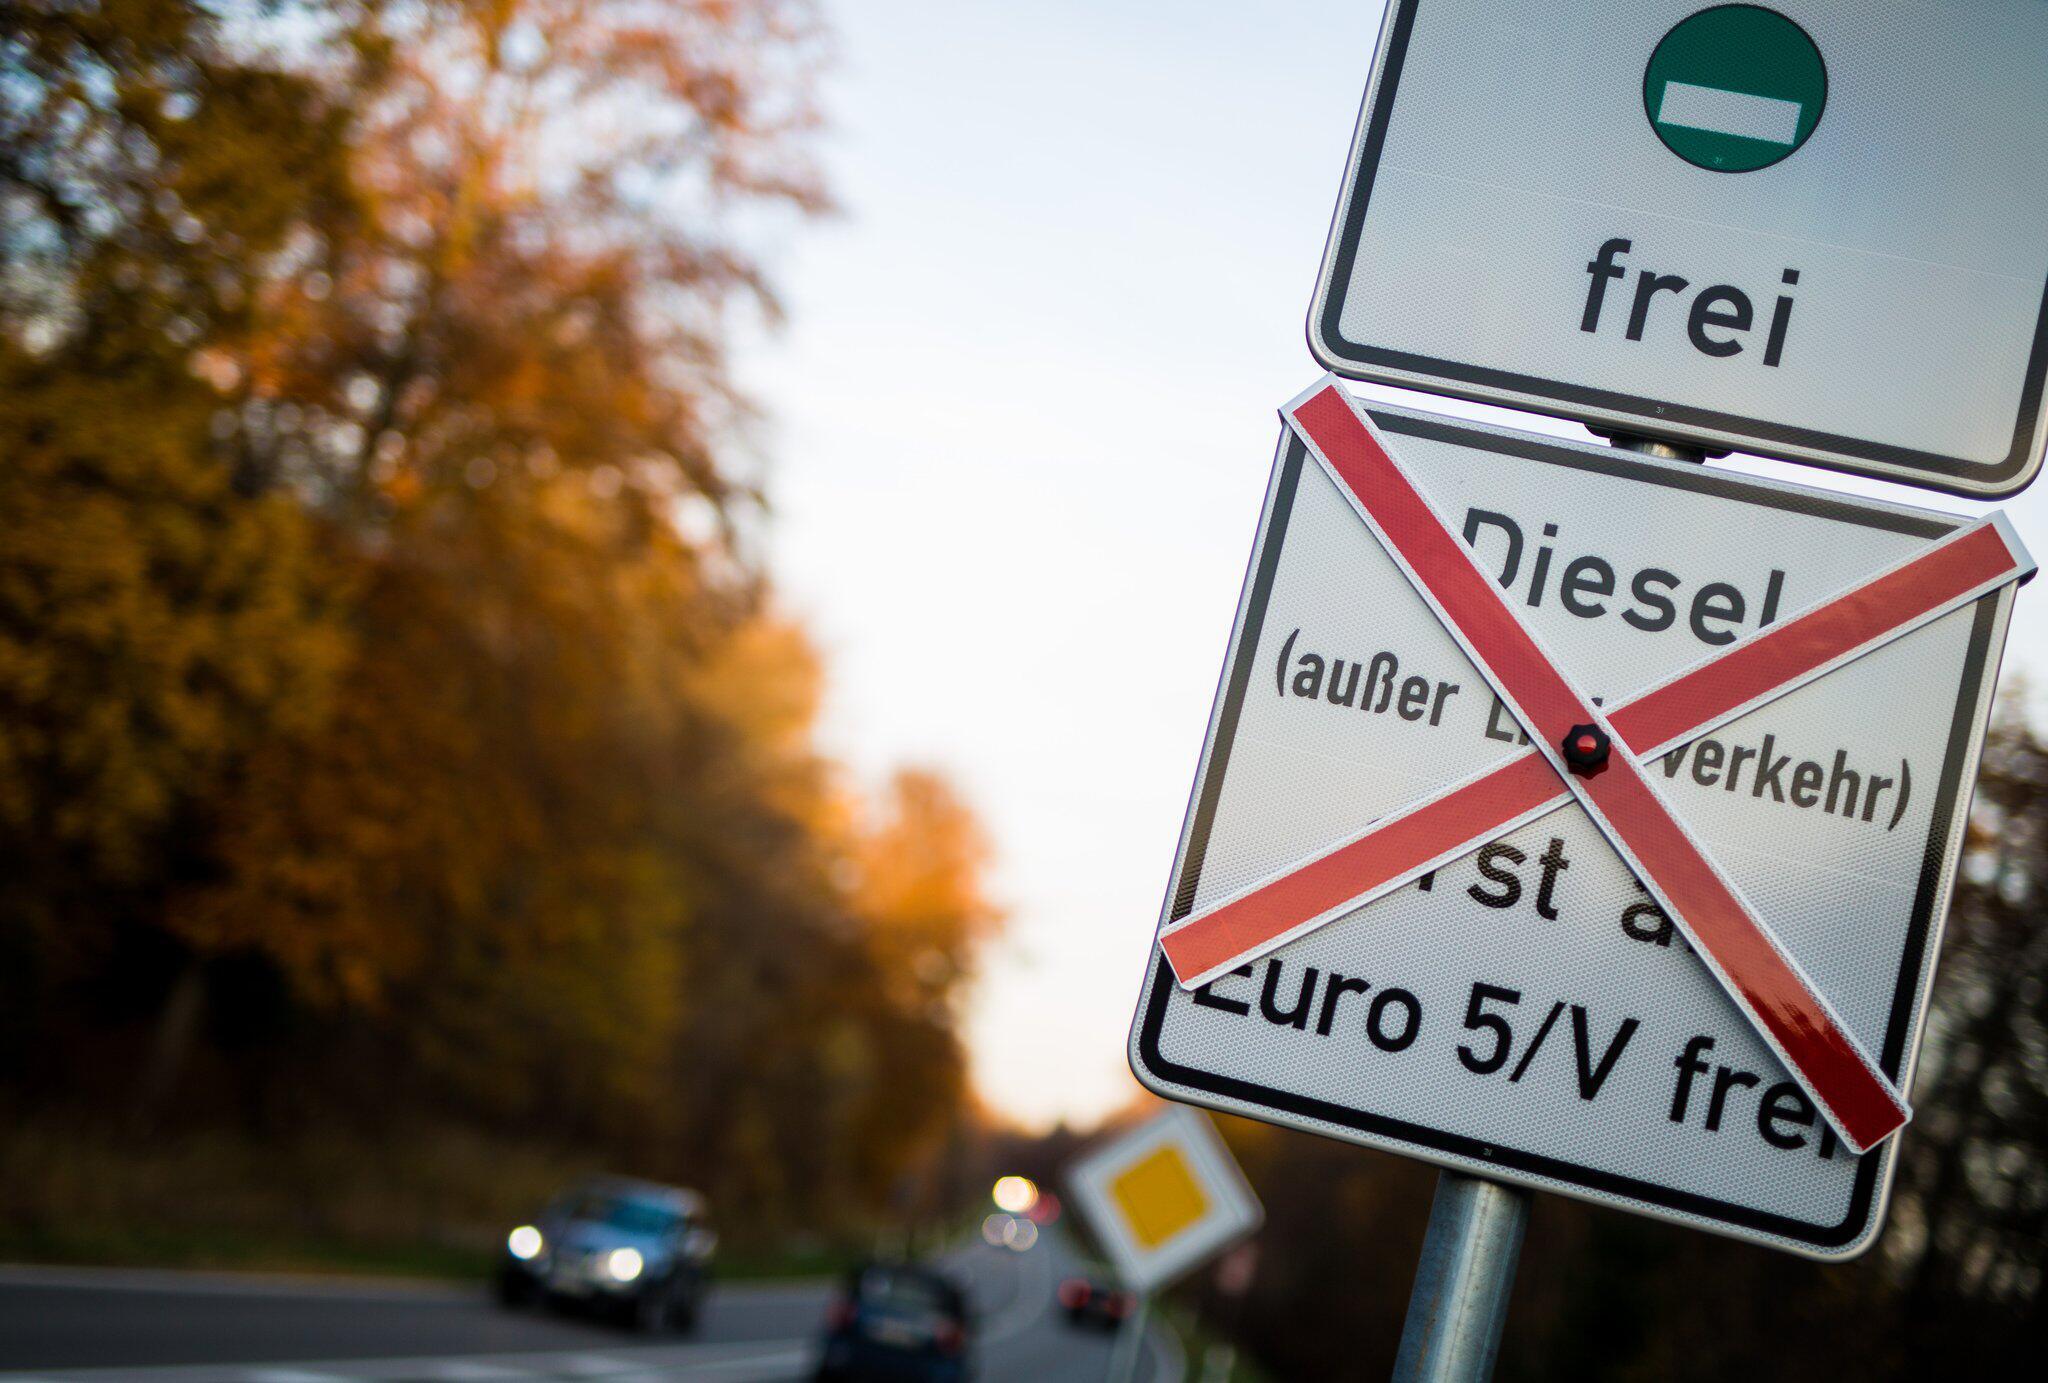 Bild zu Driving ban for old diesel vehicles